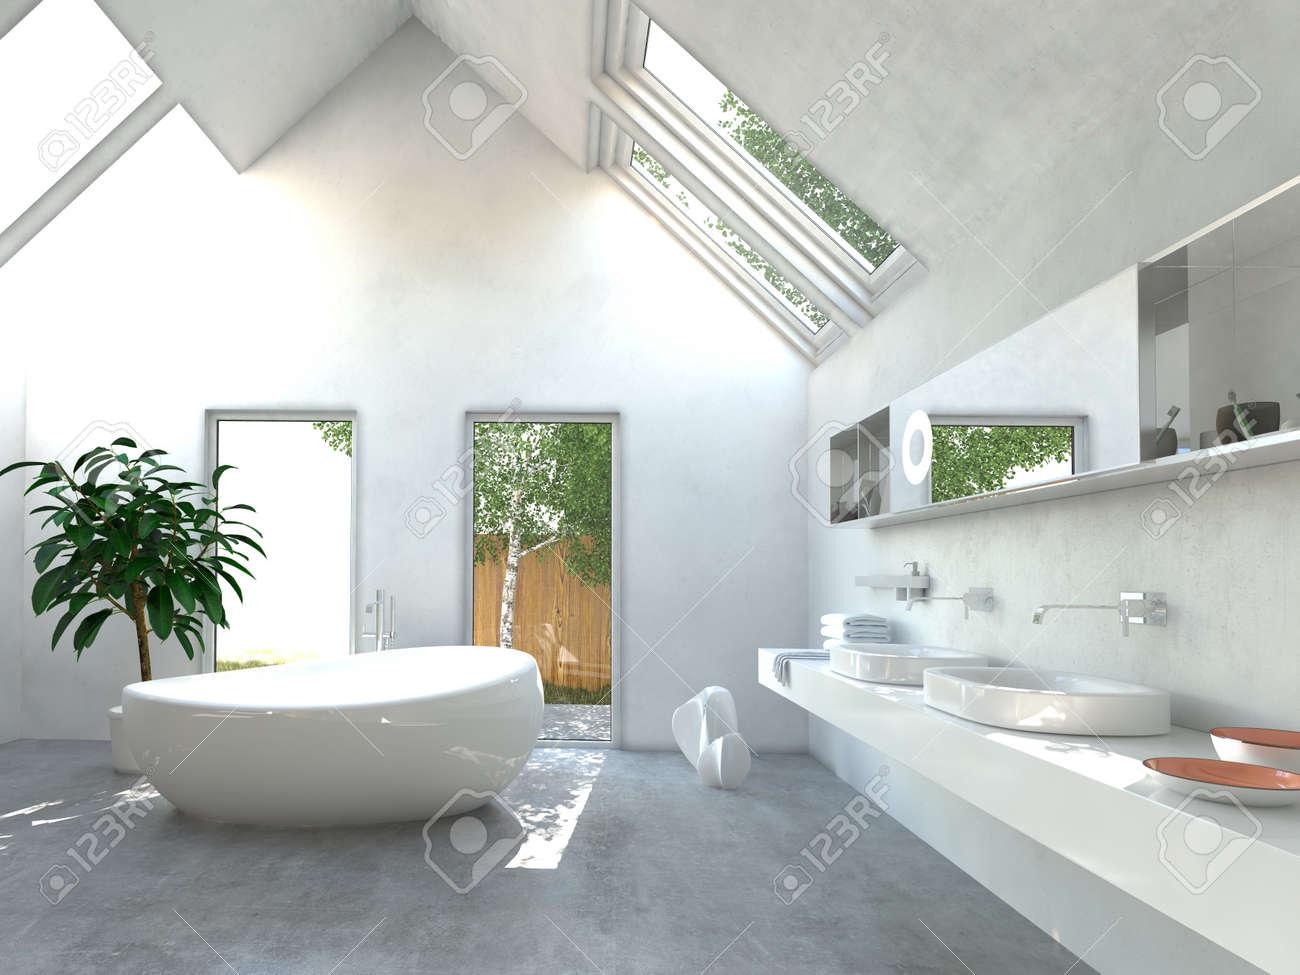 Lumiere Moderne Interieur De Salle De Bains Lumineuse Avec Un Double Mural Vasque Et Miroir Baignoire Autoportante En Ceramique Et Double Voile De